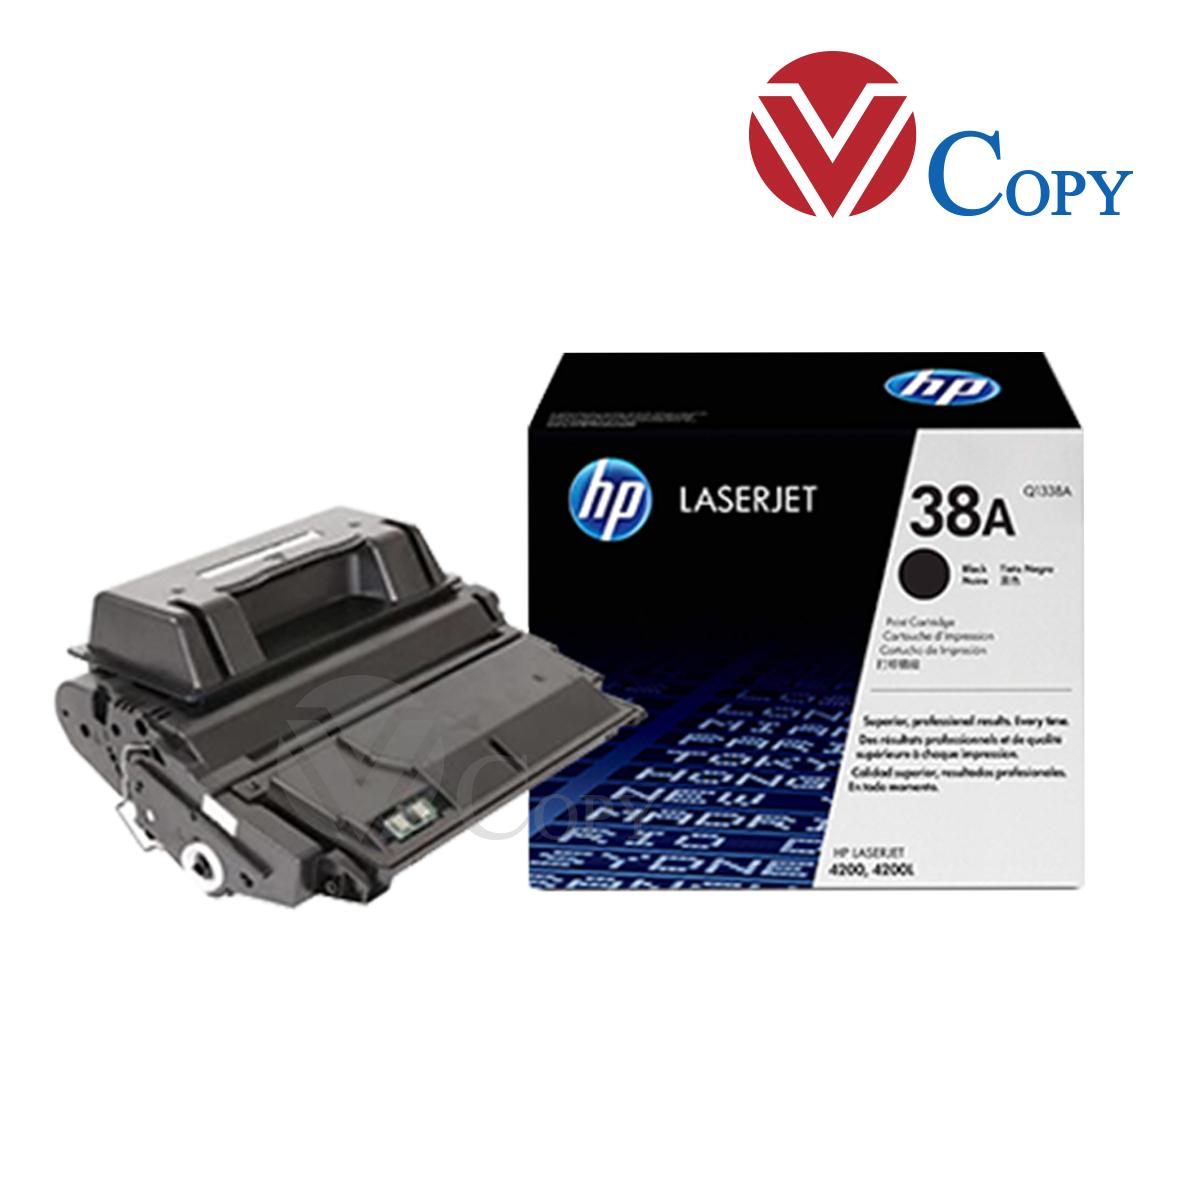 Hộp mực Thương hiệu, mực 38A dùng cho máy in HP-Laser Jet 4200 / 4200N / 4200TN  / 4200DTN / 4200DTNS / 4200DTNSL